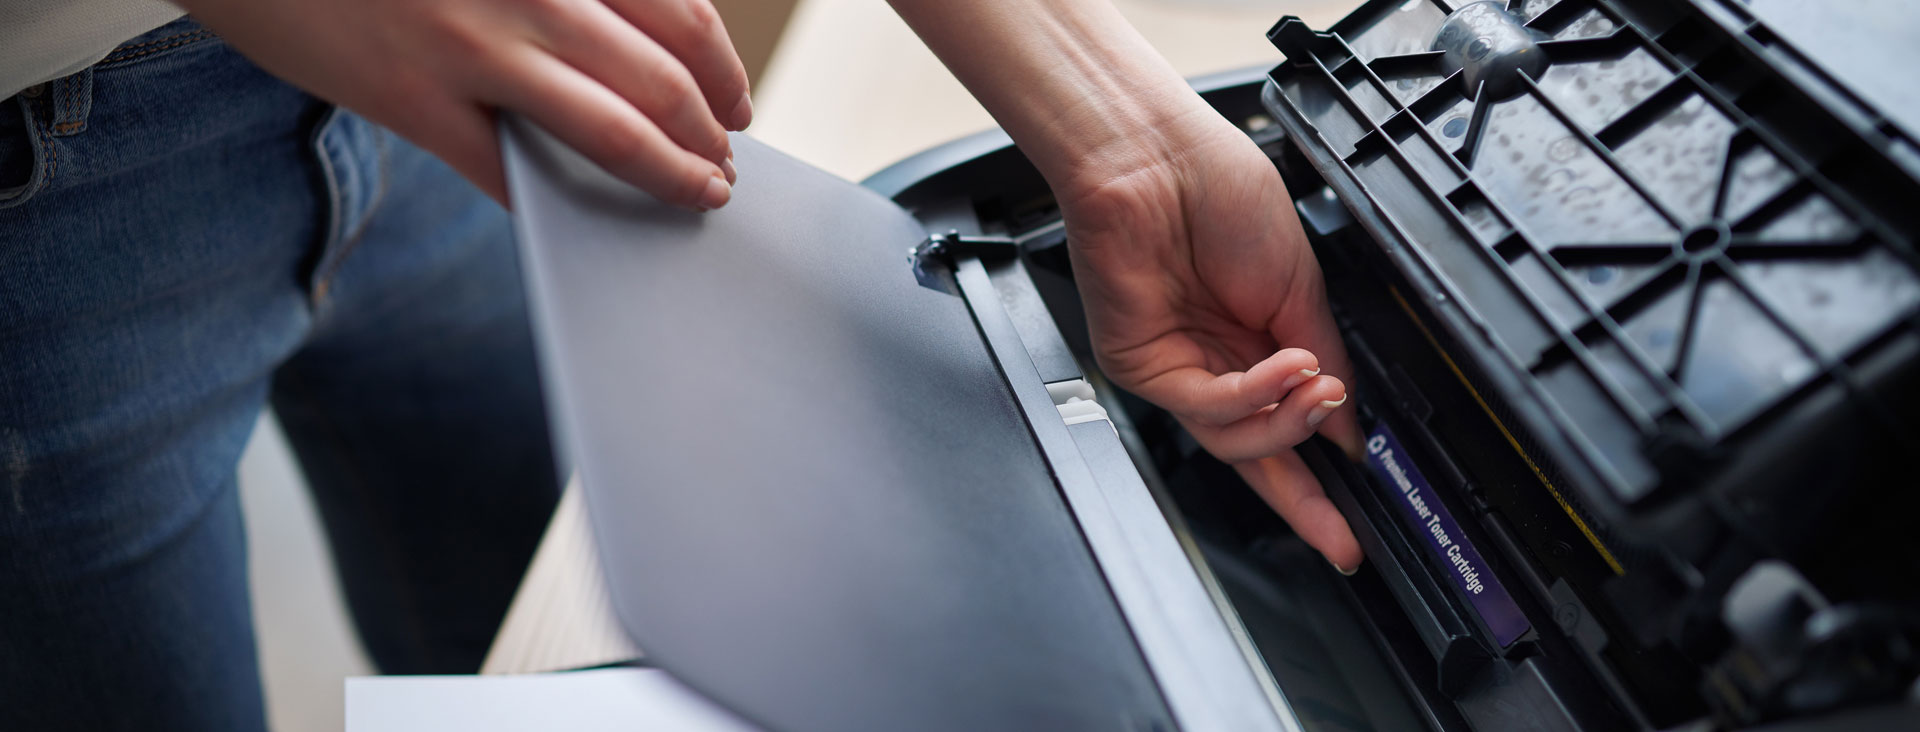 Serwis kopiarek i drukarek